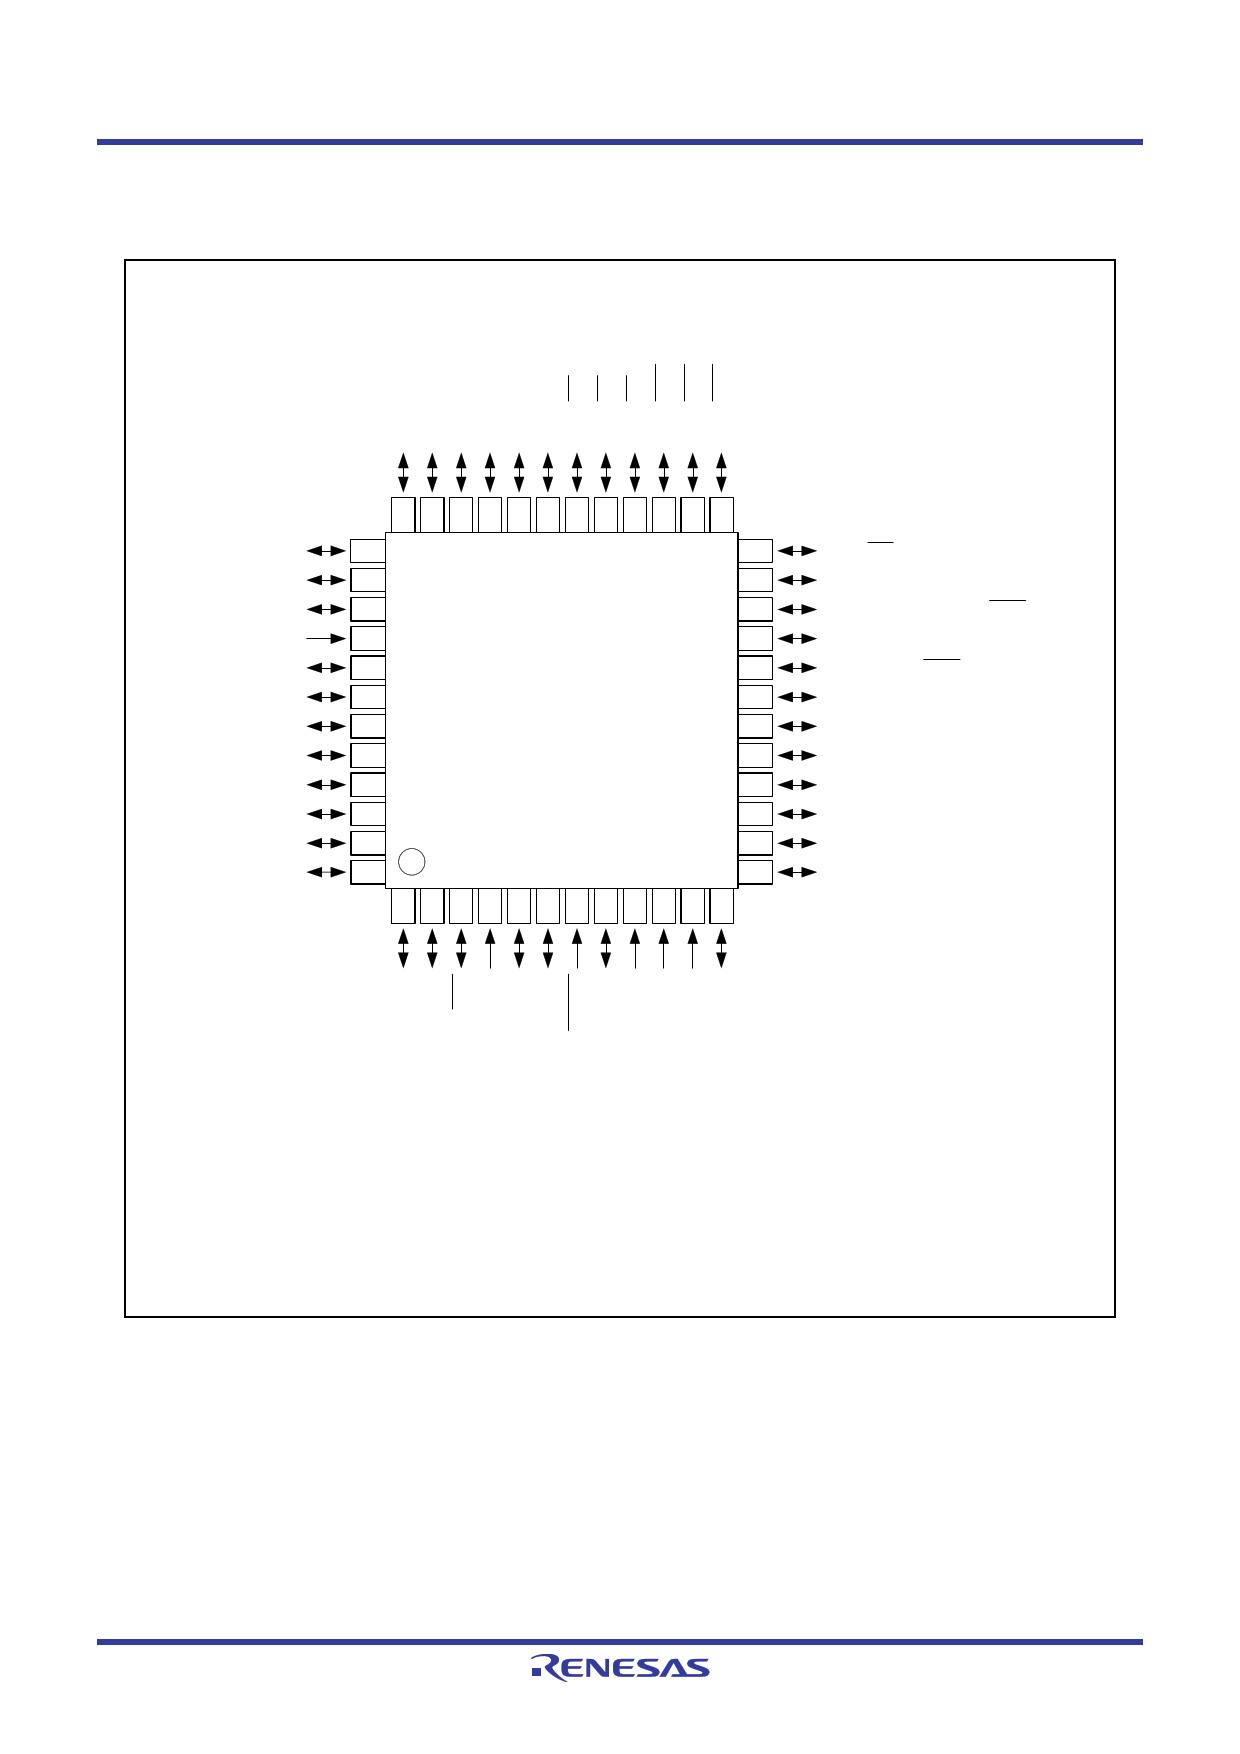 R5F21236KFP 전자부품, 판매, 대치품